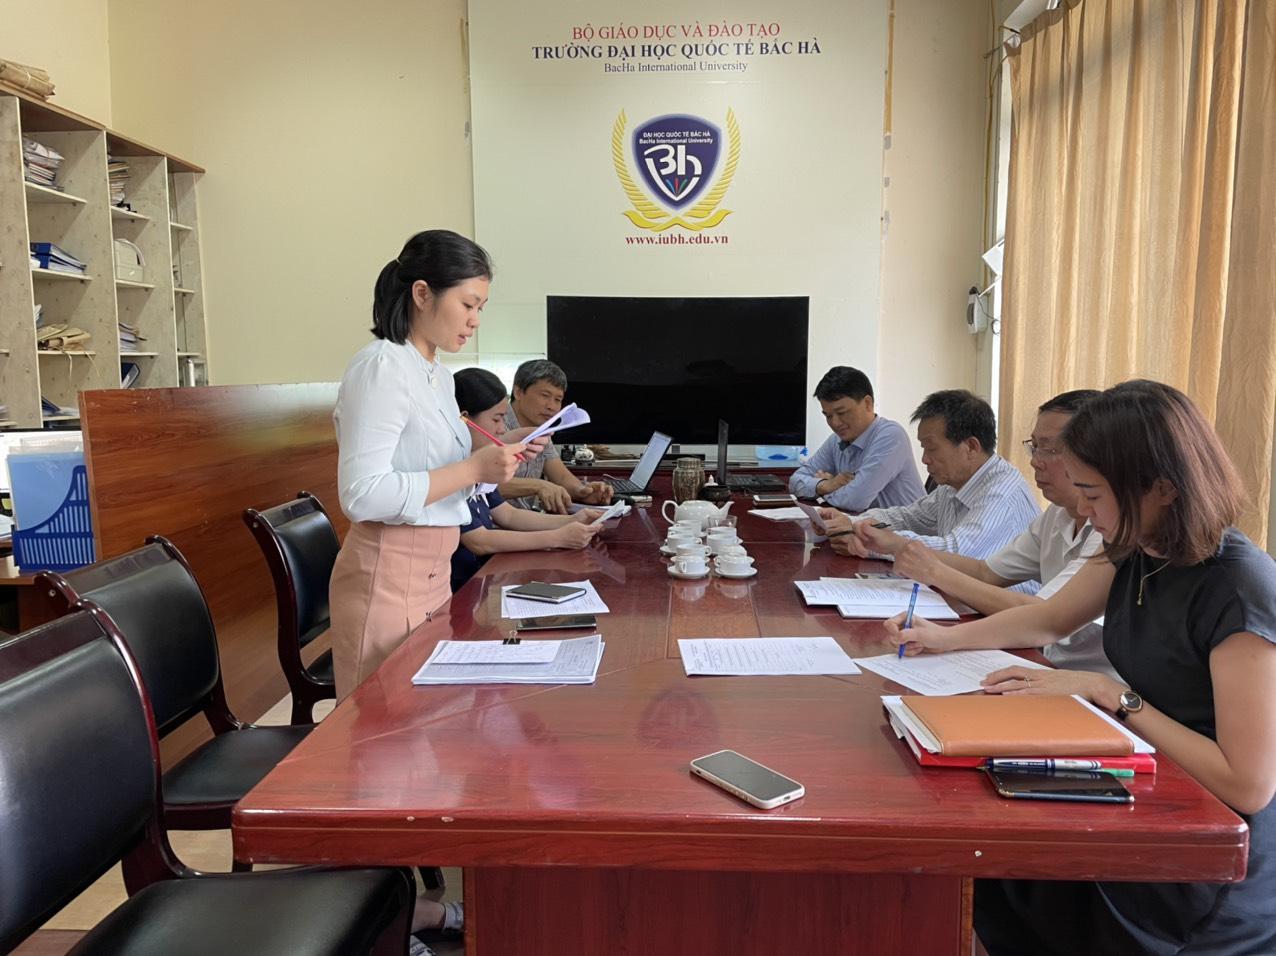 Thành lập hội đồng xét và đánh giá tốt nghiệp cho sinh viên K12